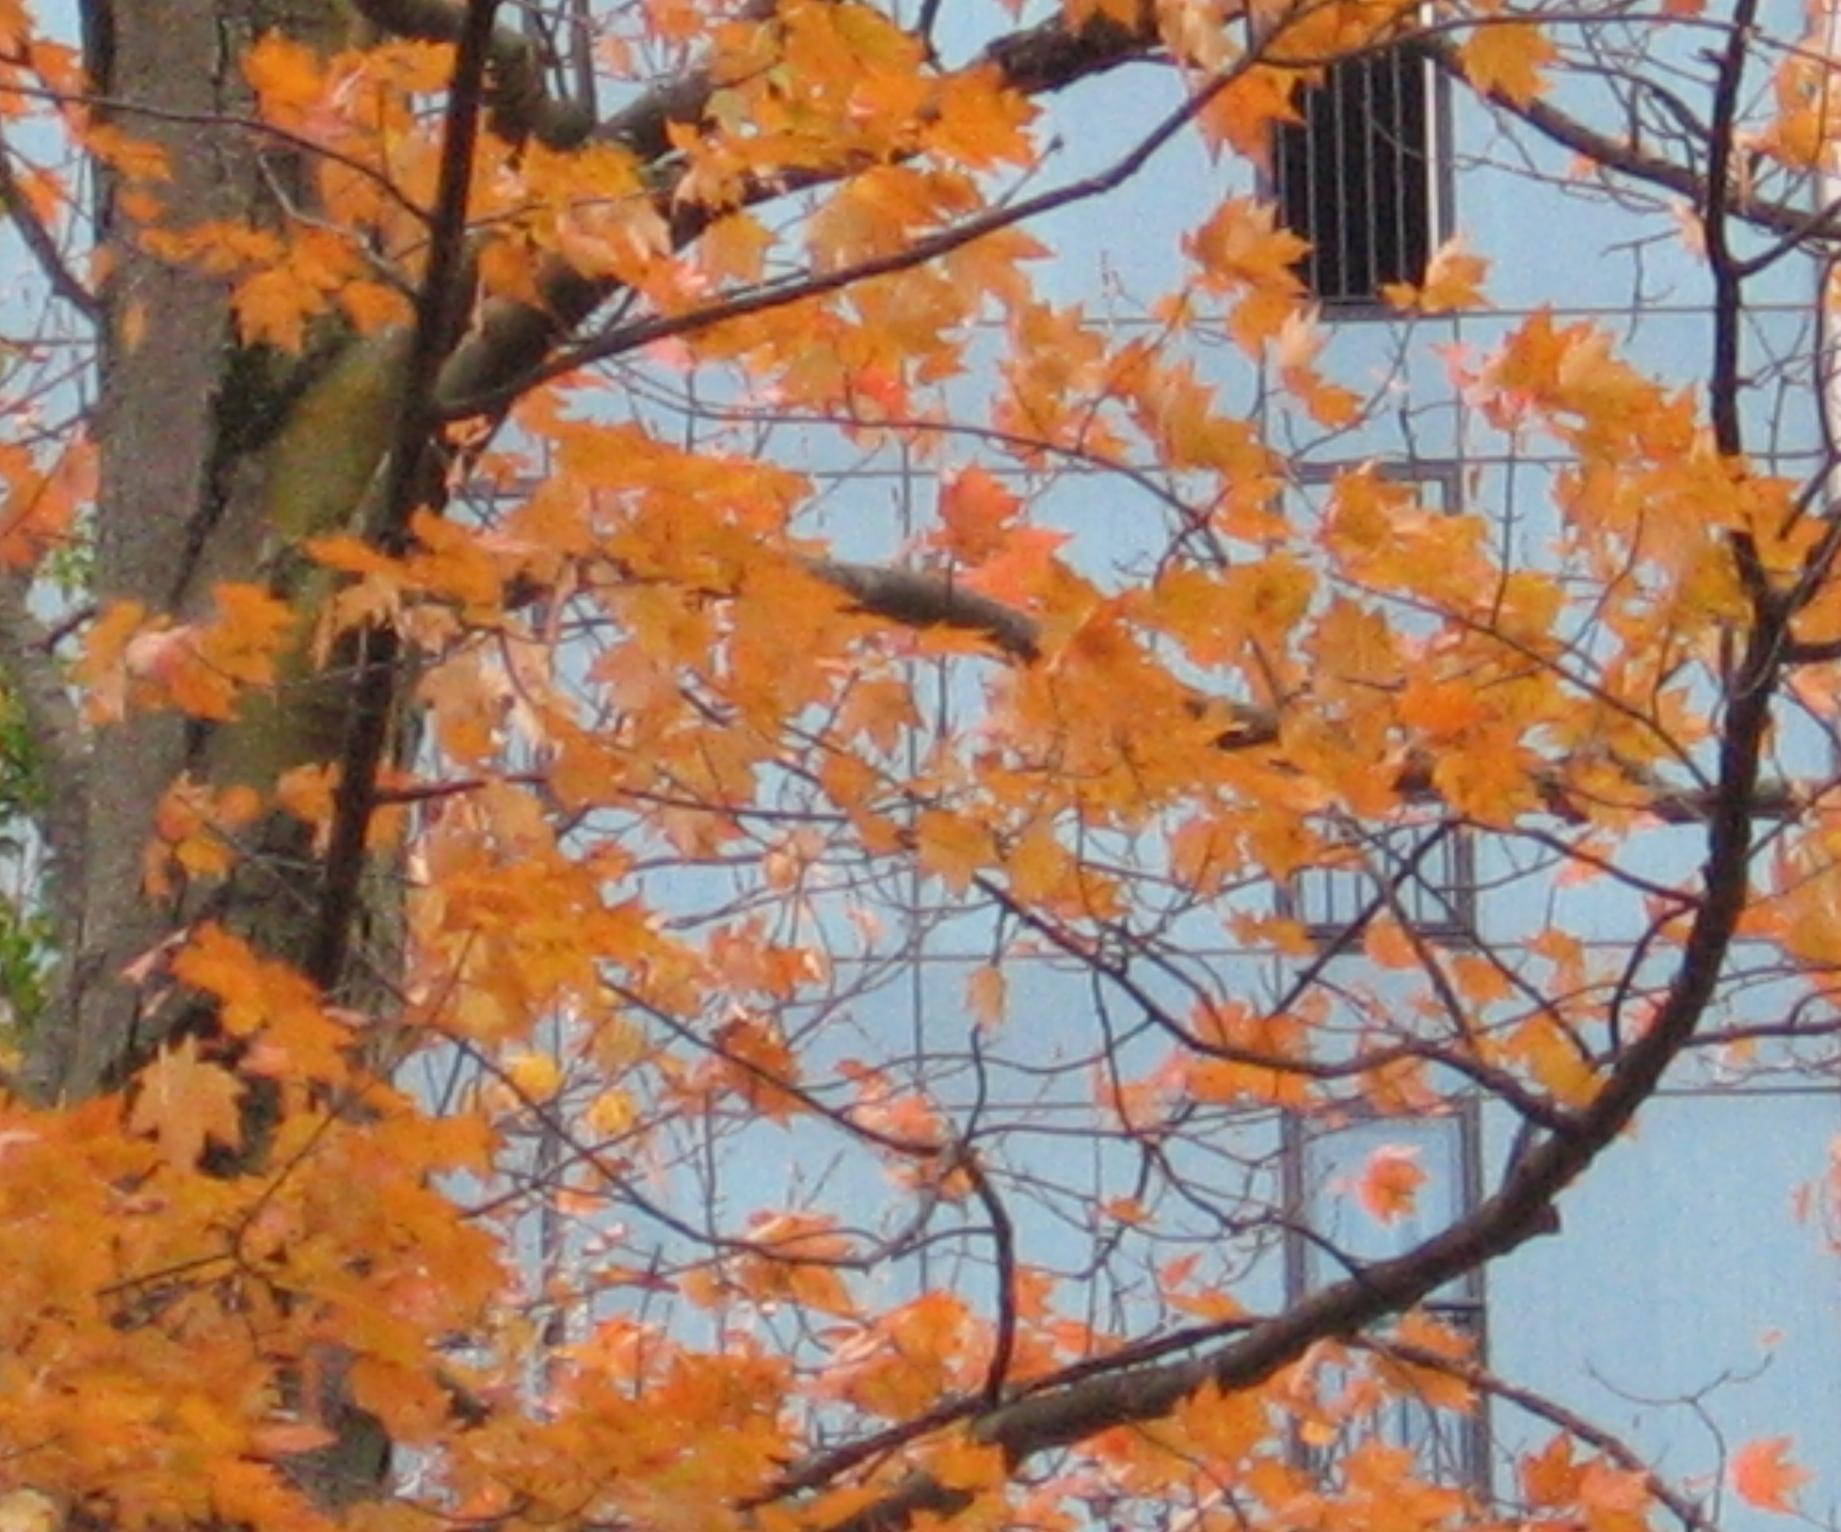 or-sur-facade-bleue-niagara.jpg